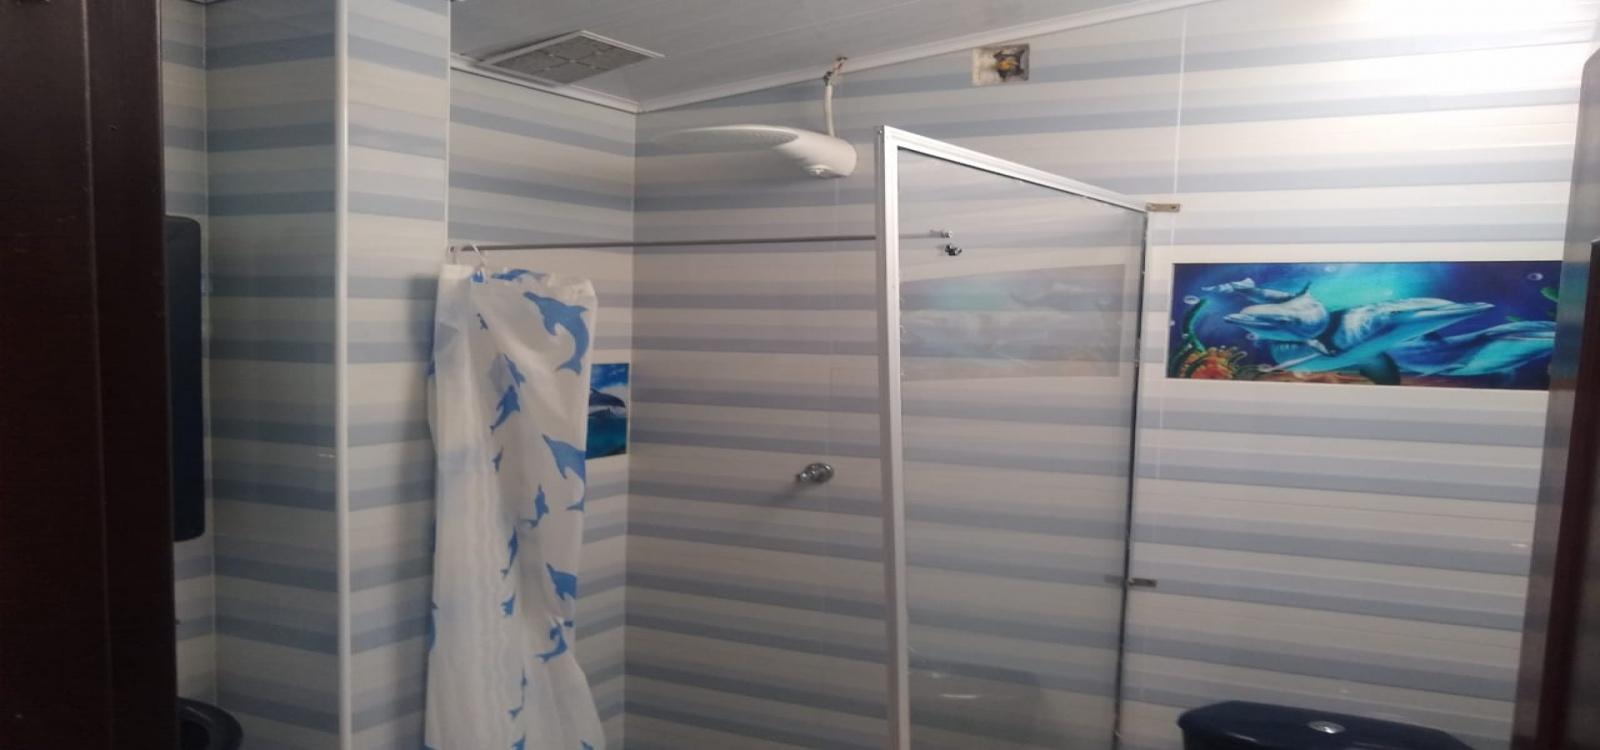 5-48 Sur Carrera 12, Bogotá, Sur, Ciudad Berna, 3 Habitaciones Habitaciones,3 BathroomsBathrooms,Casas,Venta,Carrera 12,2328